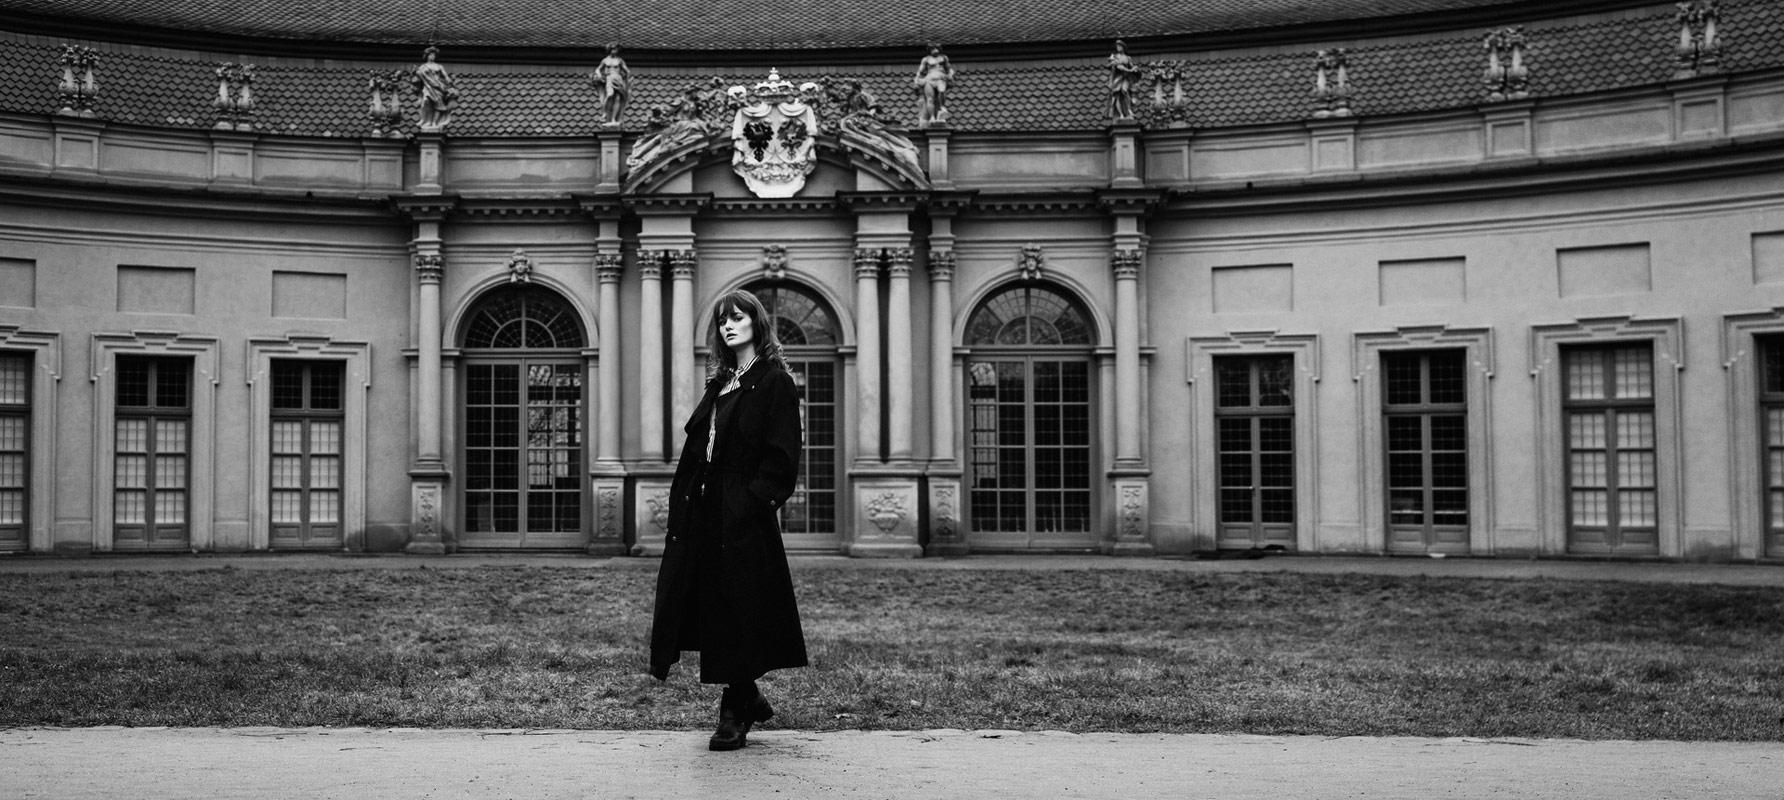 Зимние прогулки, © Билли Циатас, Лименас Тасос, Кавала, Греция, Призёр категории «Мода / Редакционная», Фотоконкурс «Портрет» — The Portrait